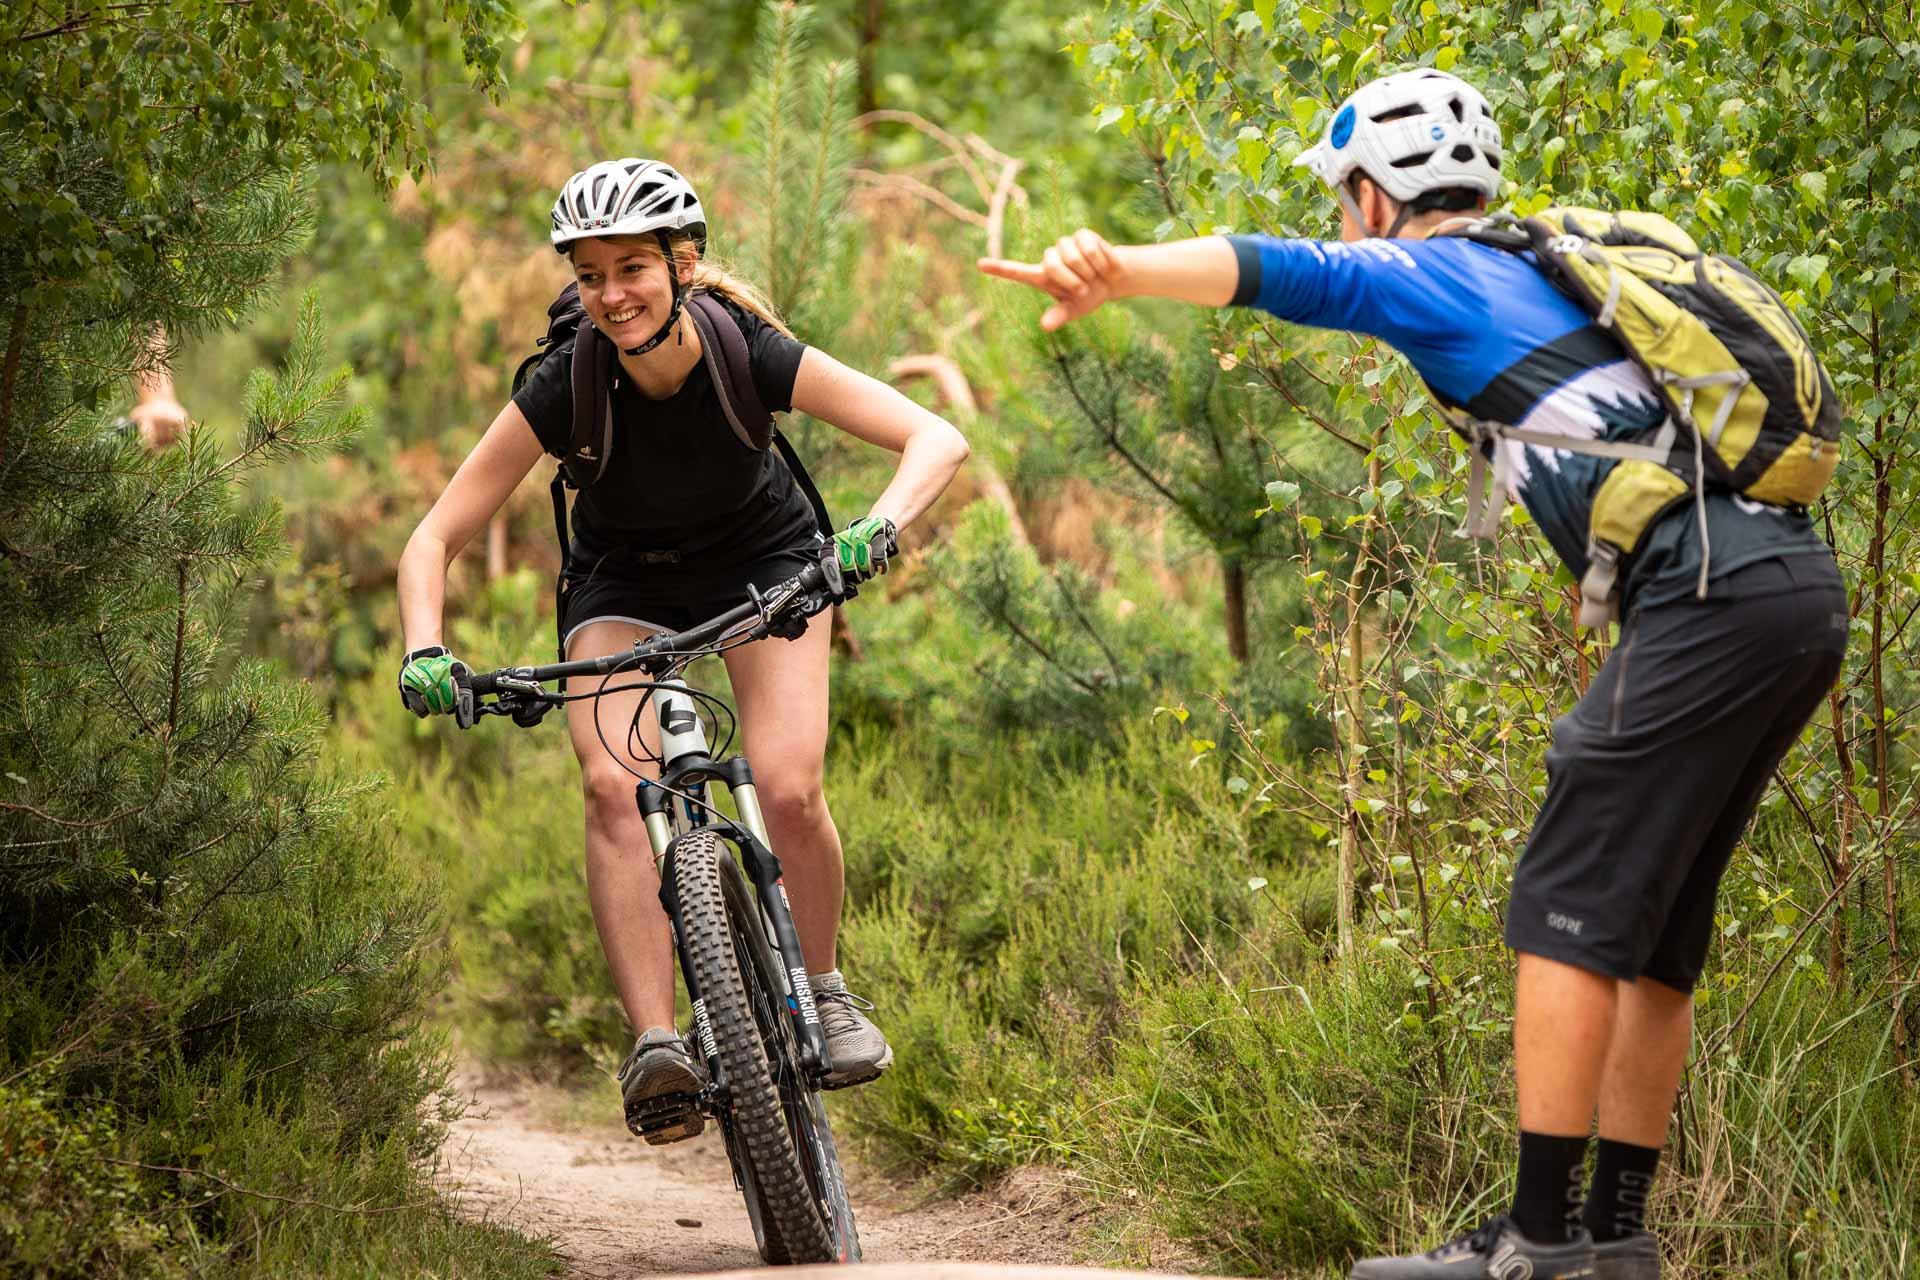 MTB Fahrtechnik Kurs für Einsteiger in Siegburg   Bonn - Mountainbike Basic - Rock my Trail Bikeschule - 31